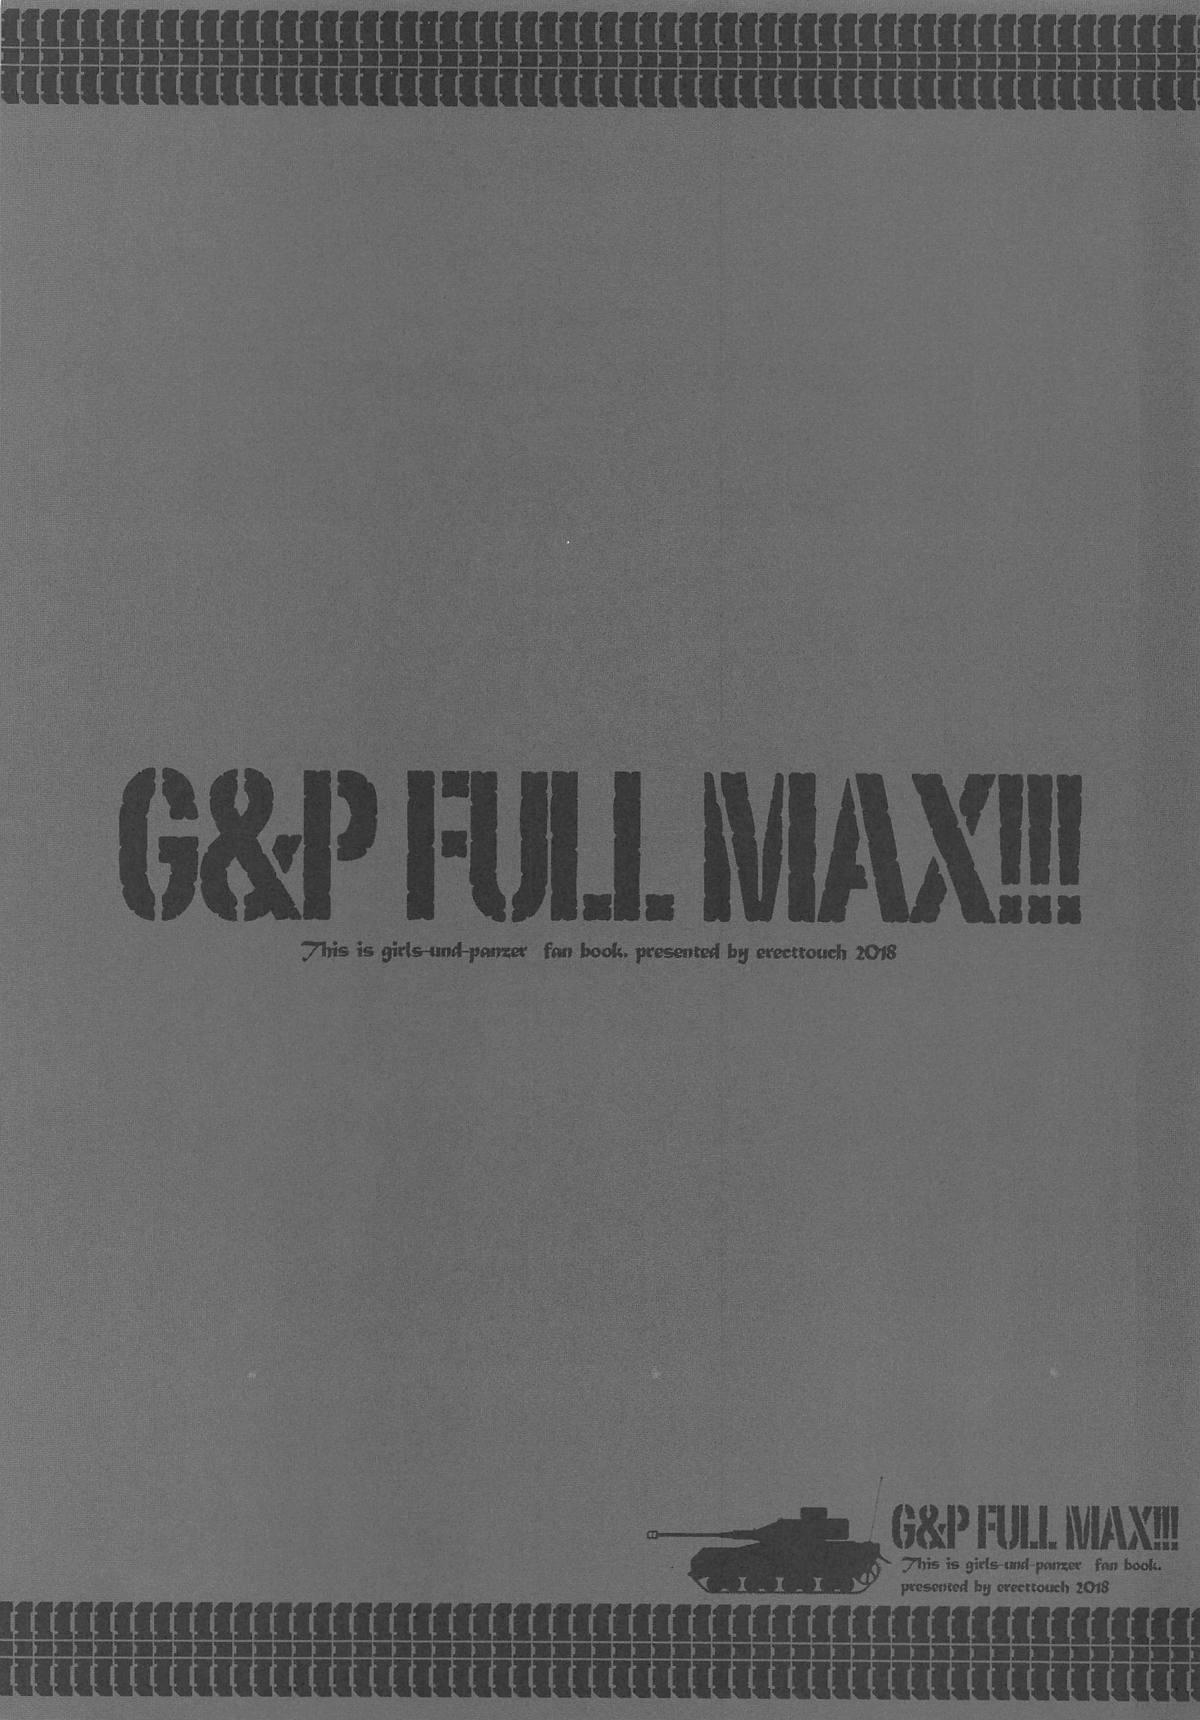 G&P FULL MAX!!! 88